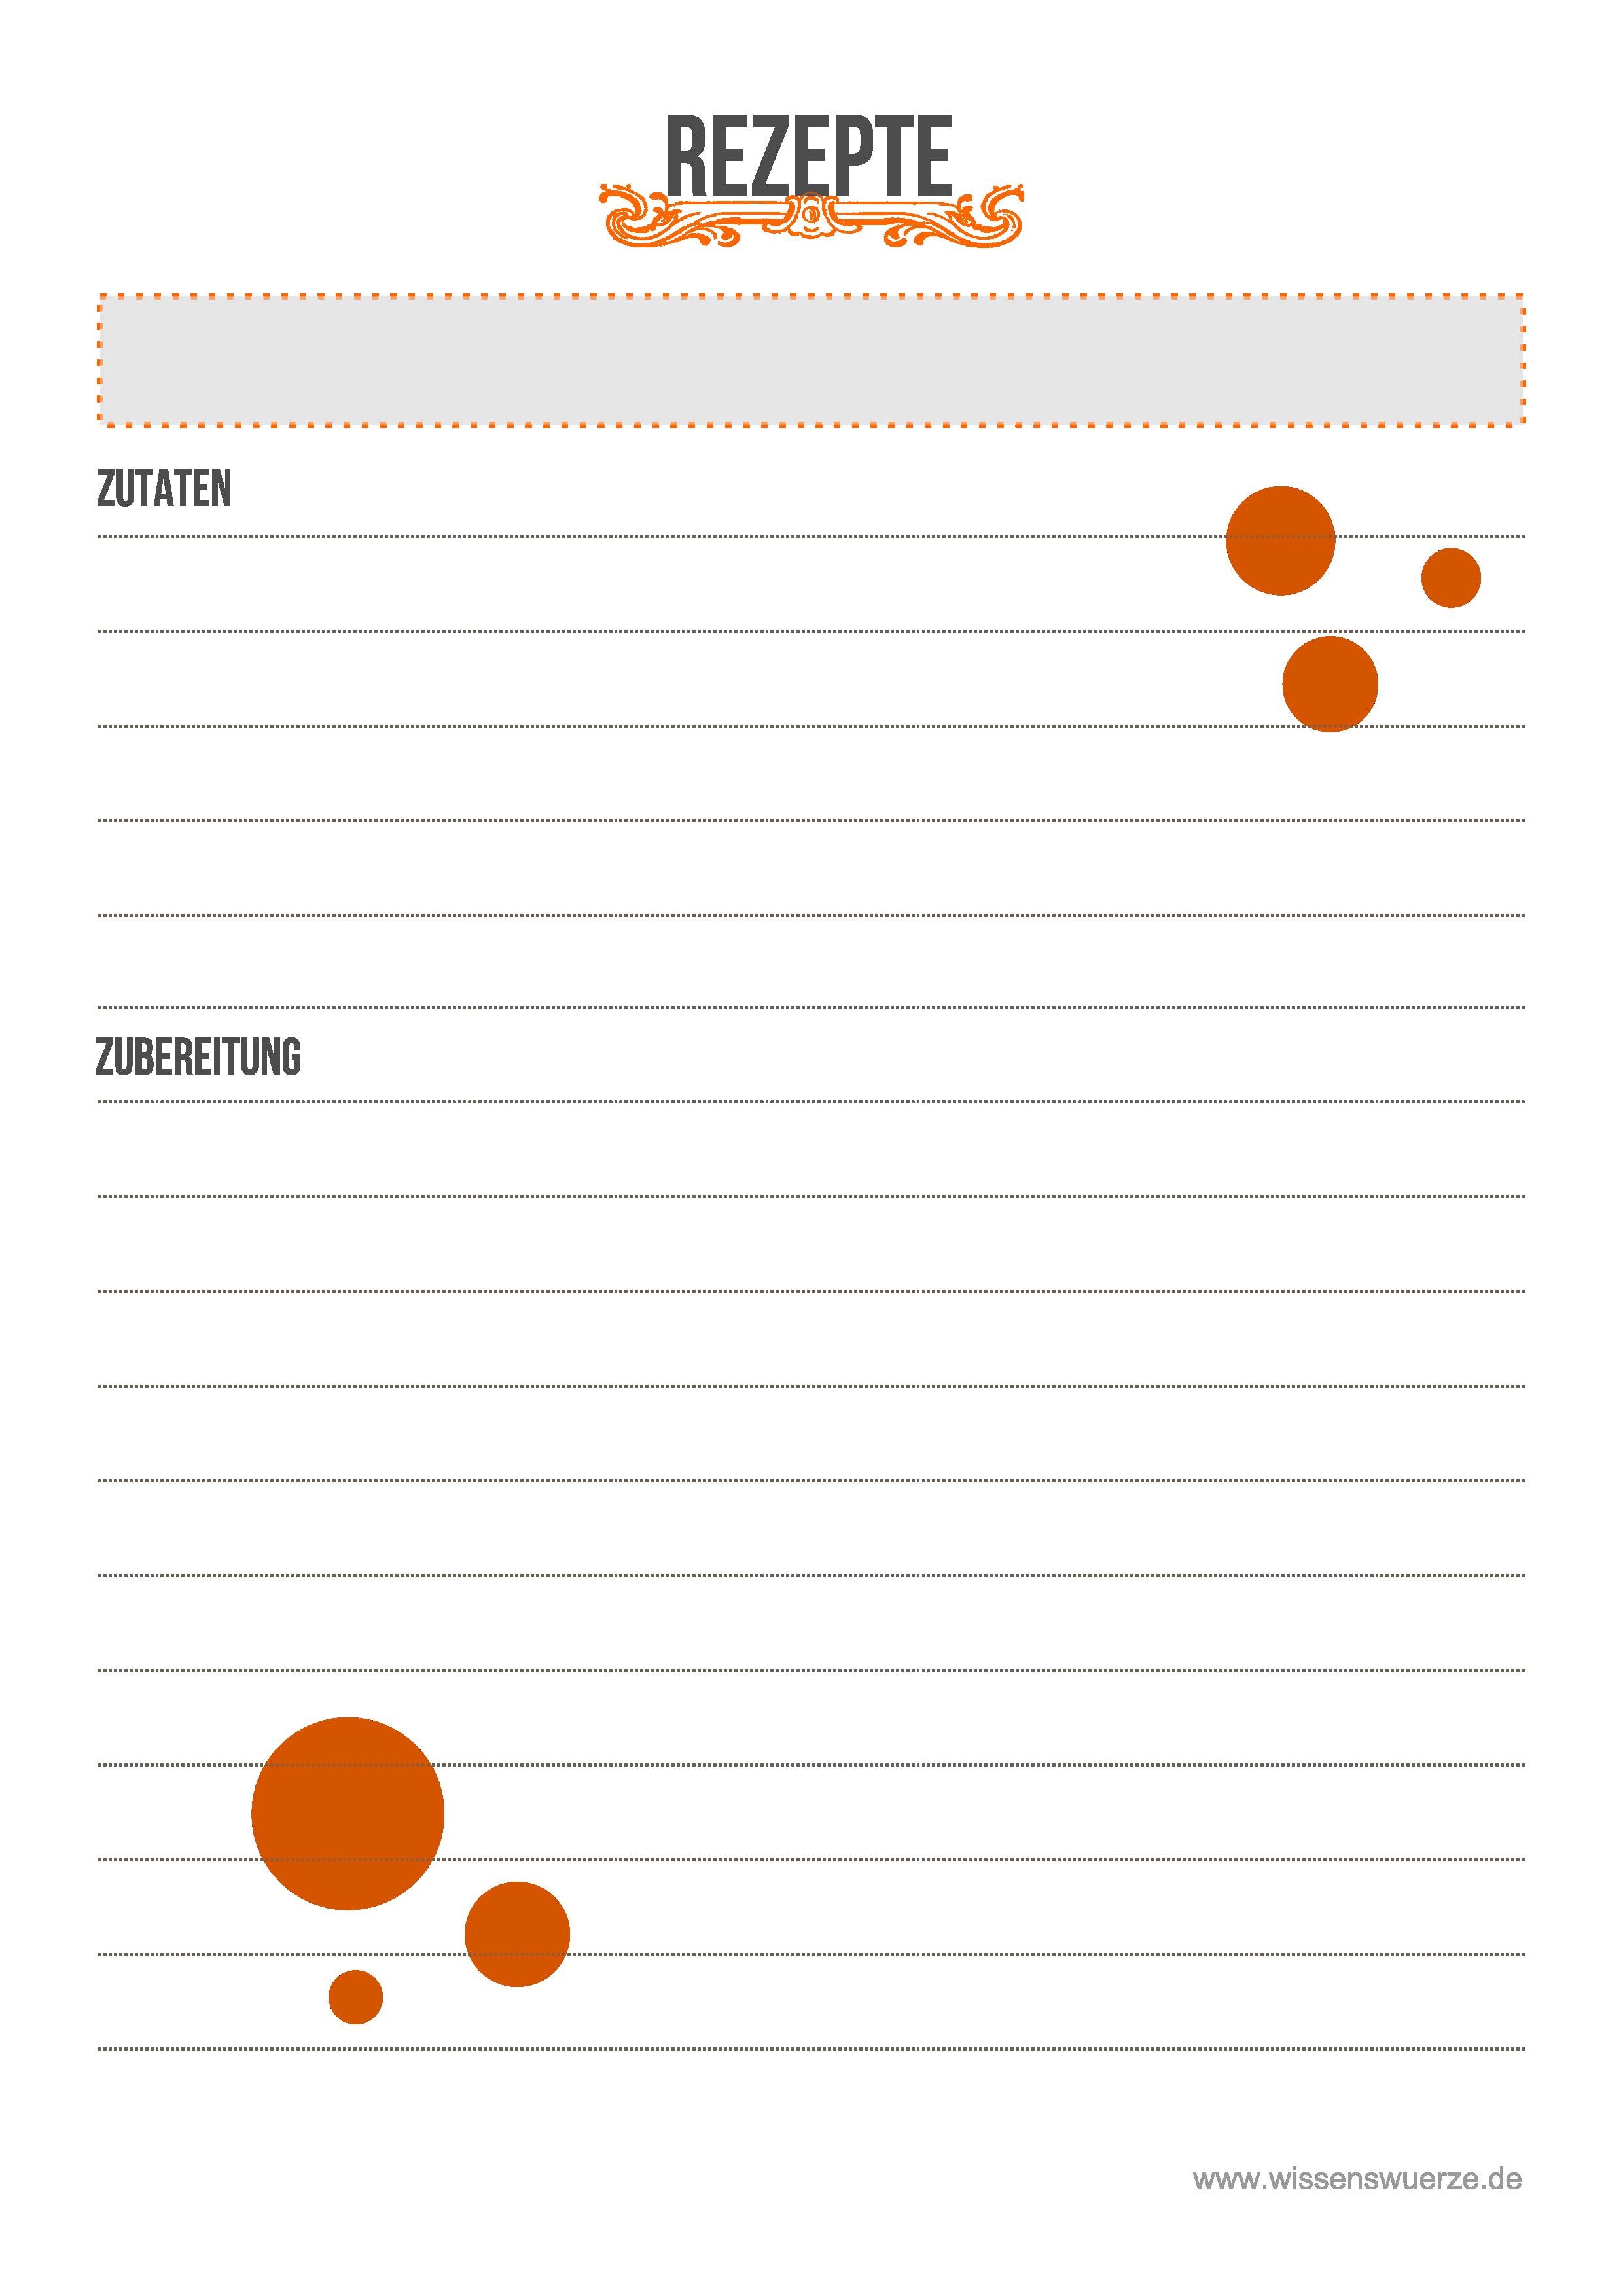 Großartig Vorlage Für Das Rezept Bilder - Entry Level Resume ...